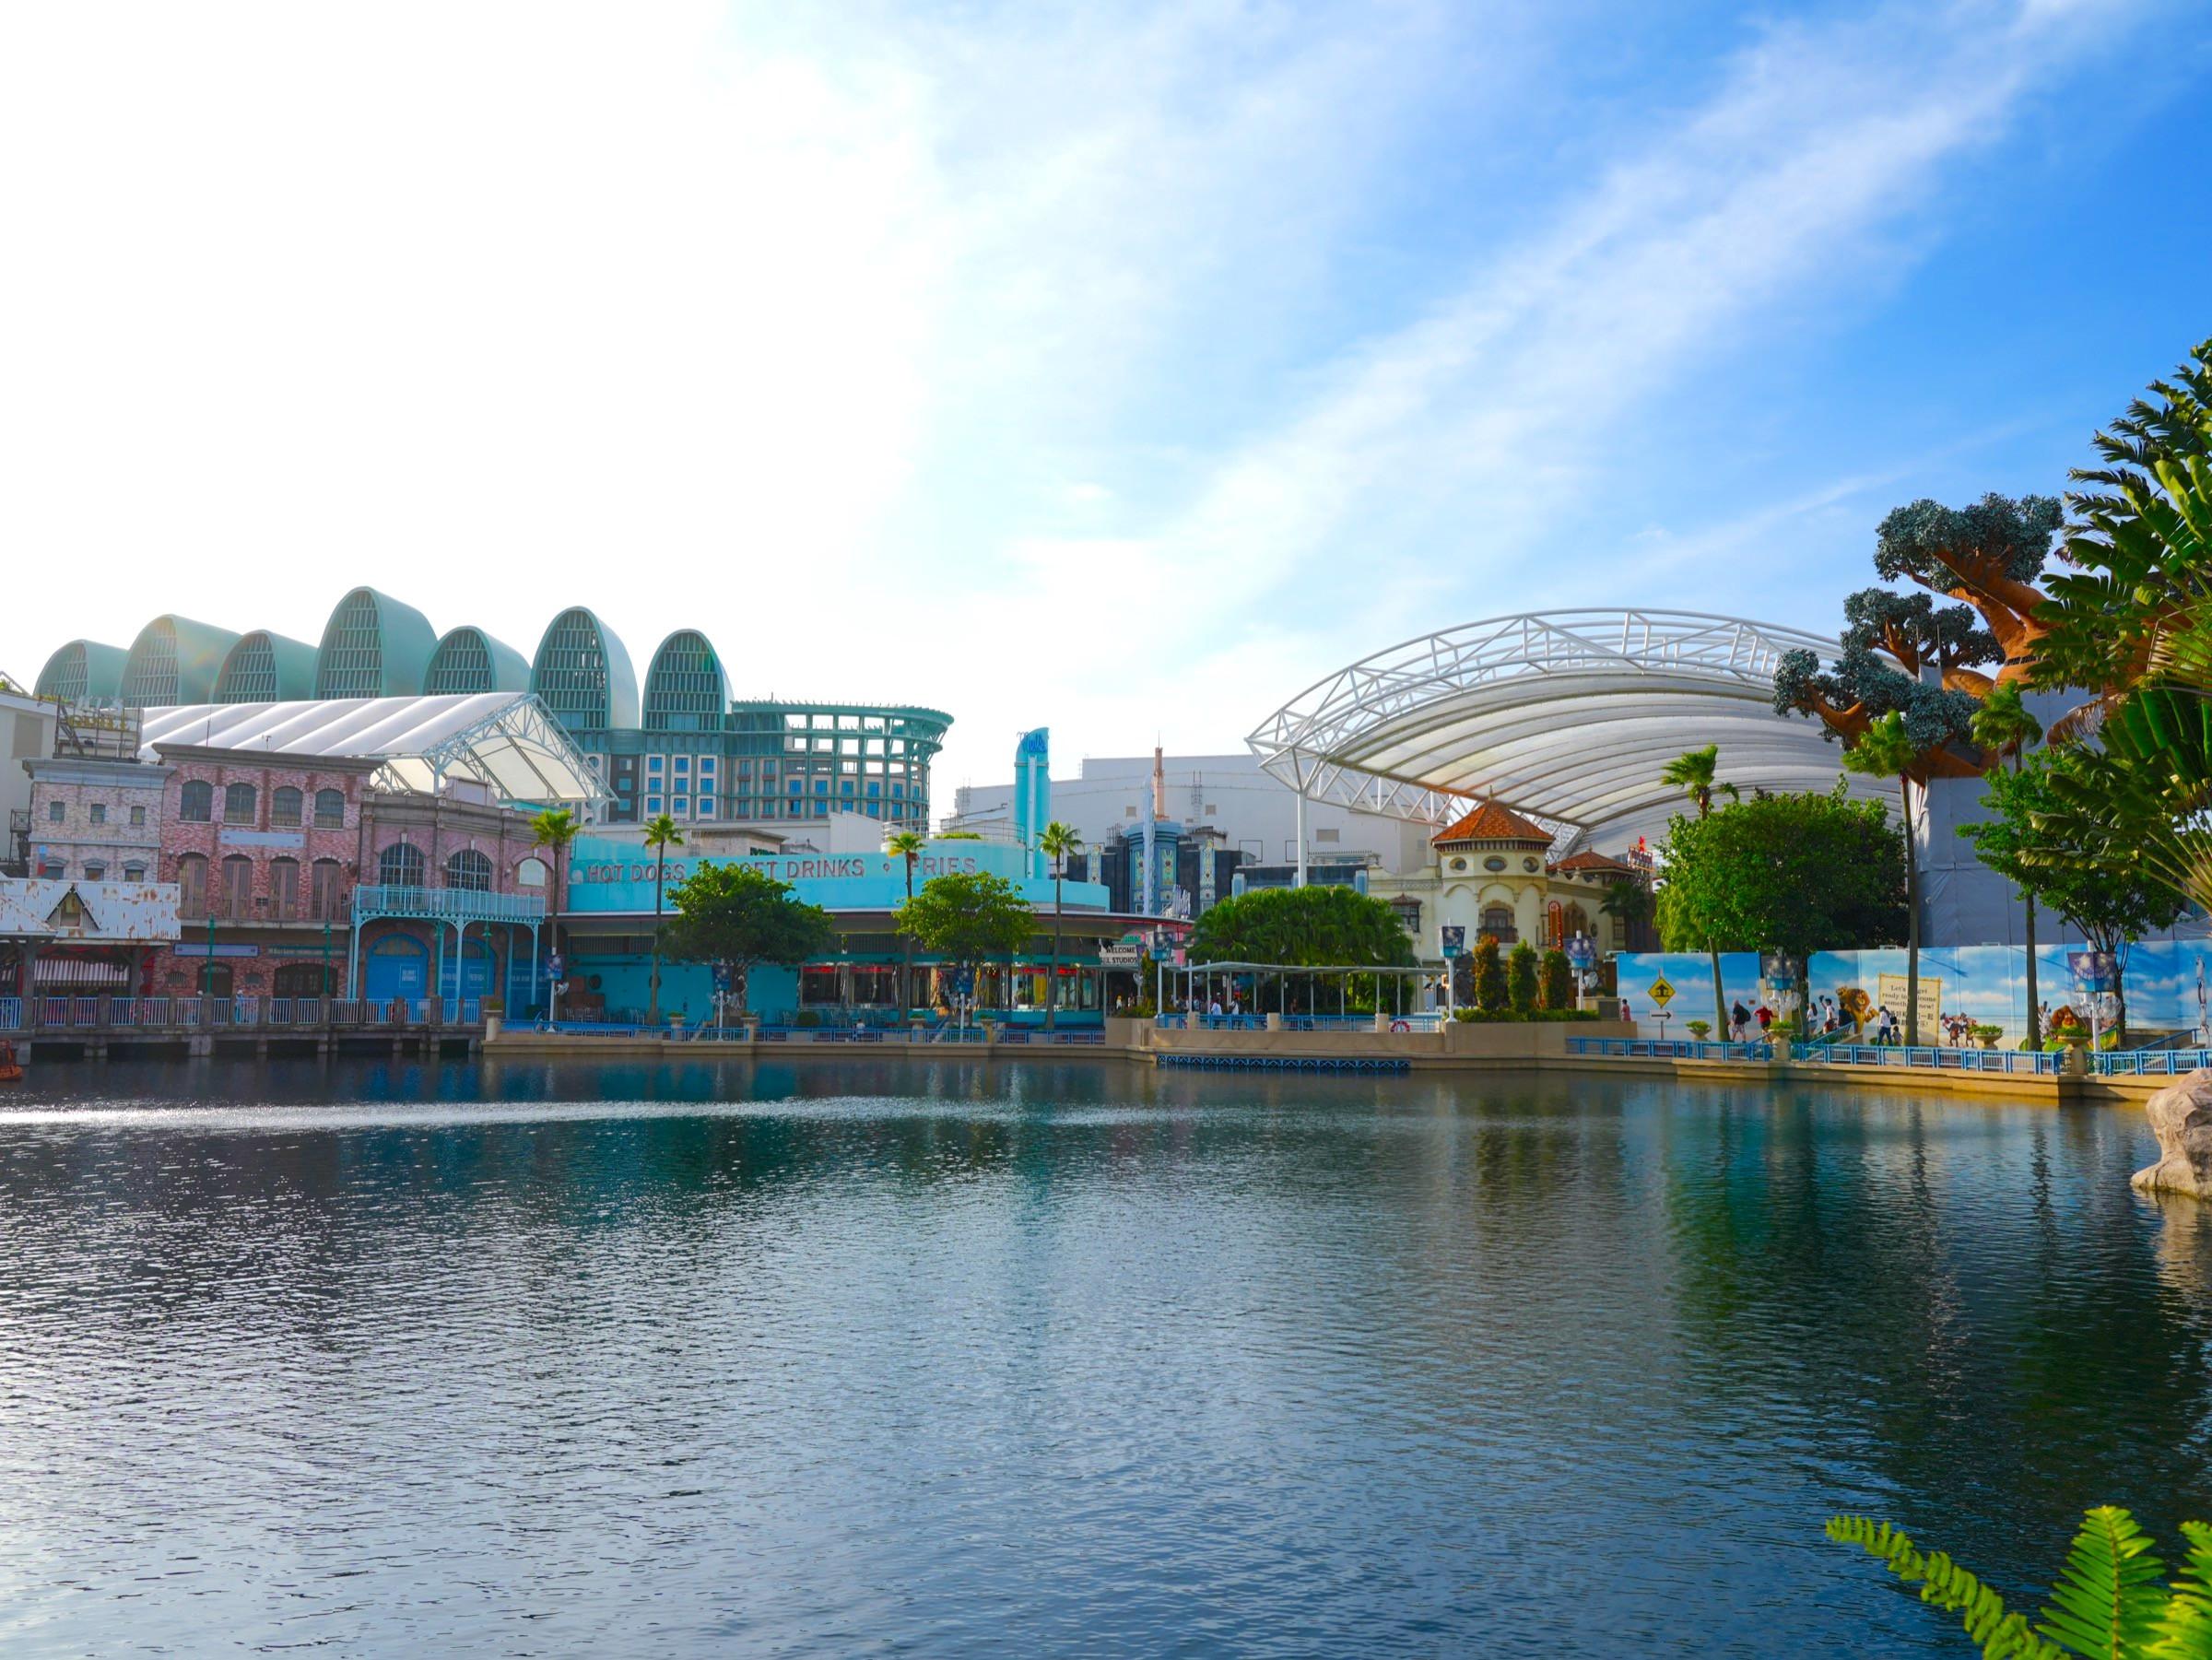 【攻略法】ユニバーサルスタジオシンガポール完全ガイド!アクセス・チケット・人気アトラクション